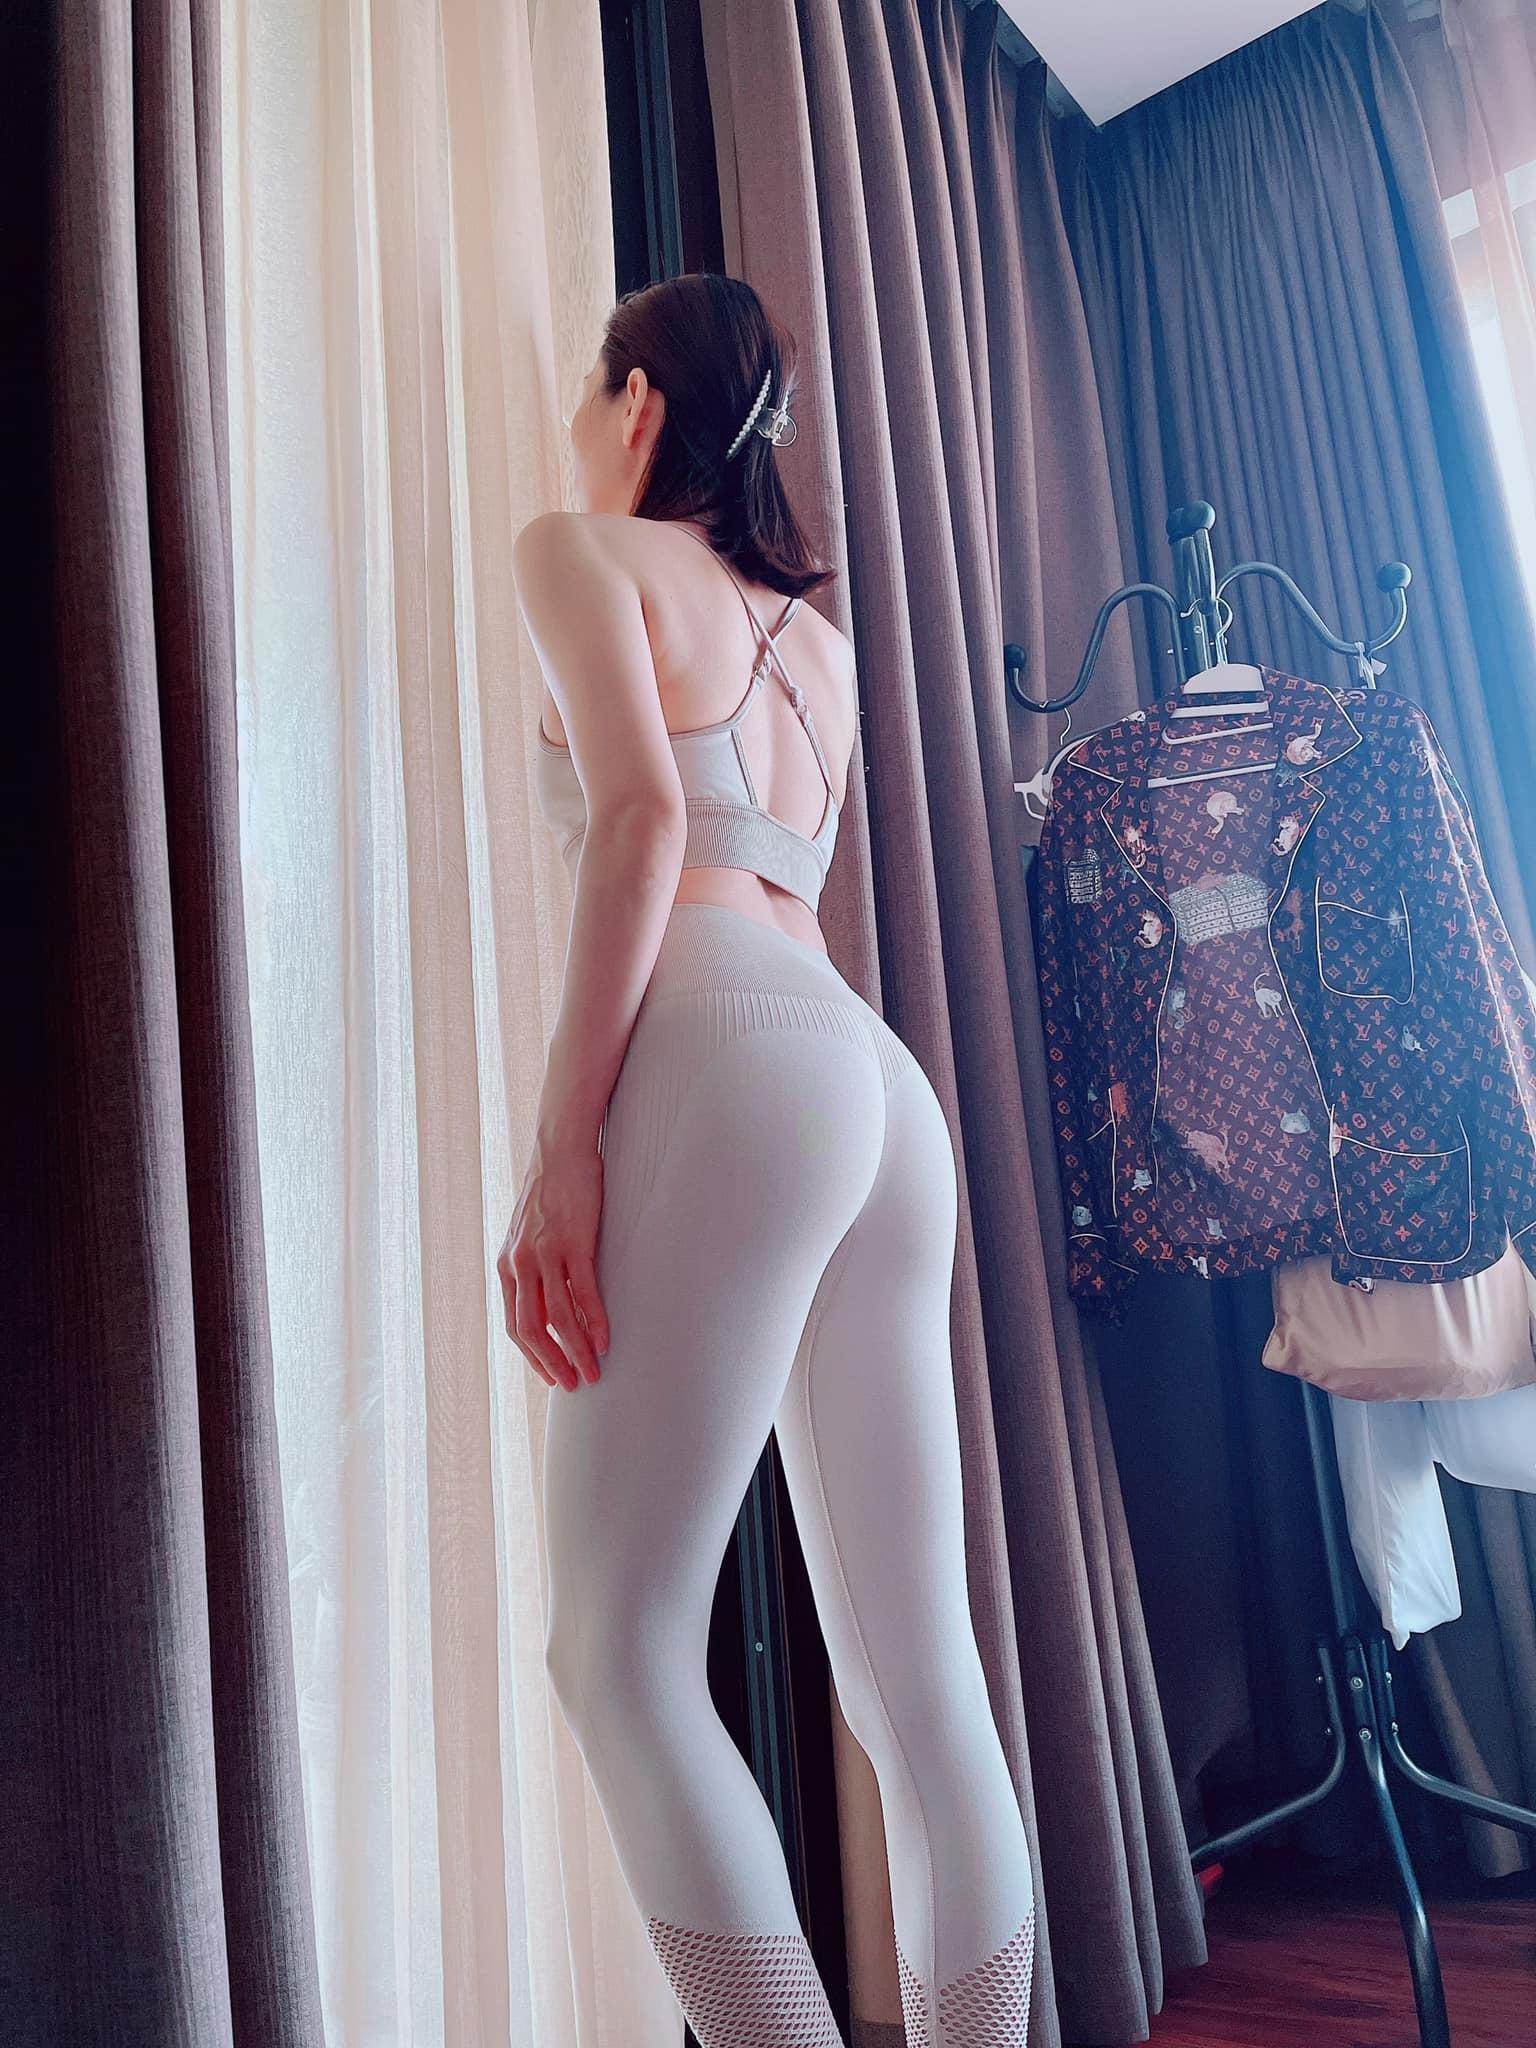 MC Mai Ngọc, Lệ Quyên đường cong nóng bỏng nhờ chăm tập luyện